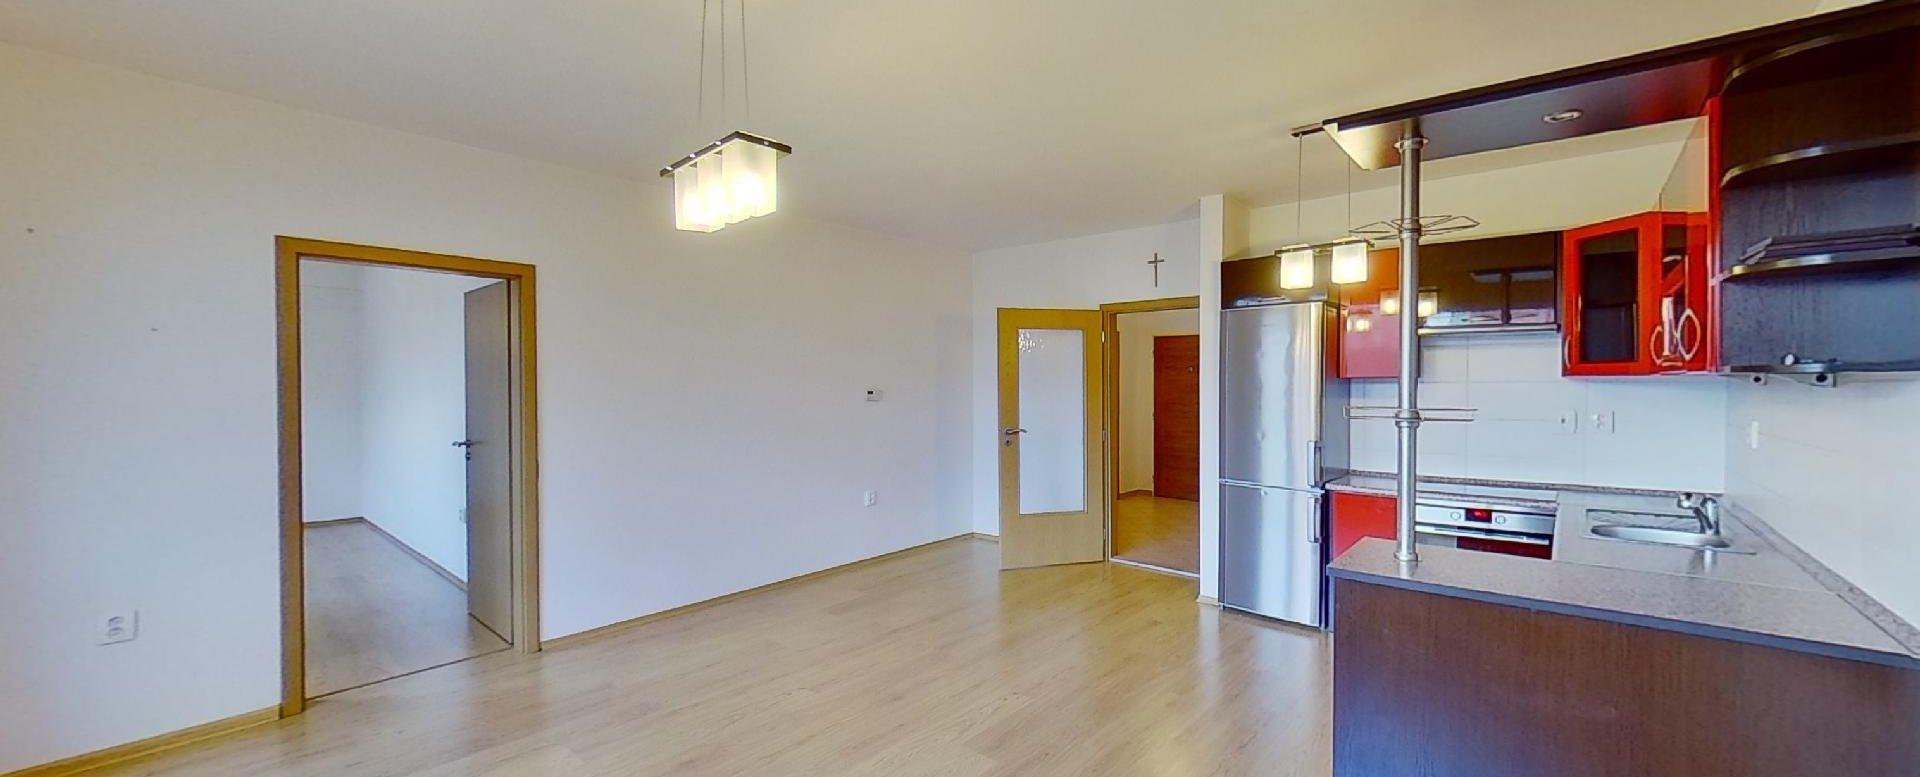 Obývacia izba s kuchynskou linkou v 2-izbovom byte na ulici Jana Kollára v Čadci